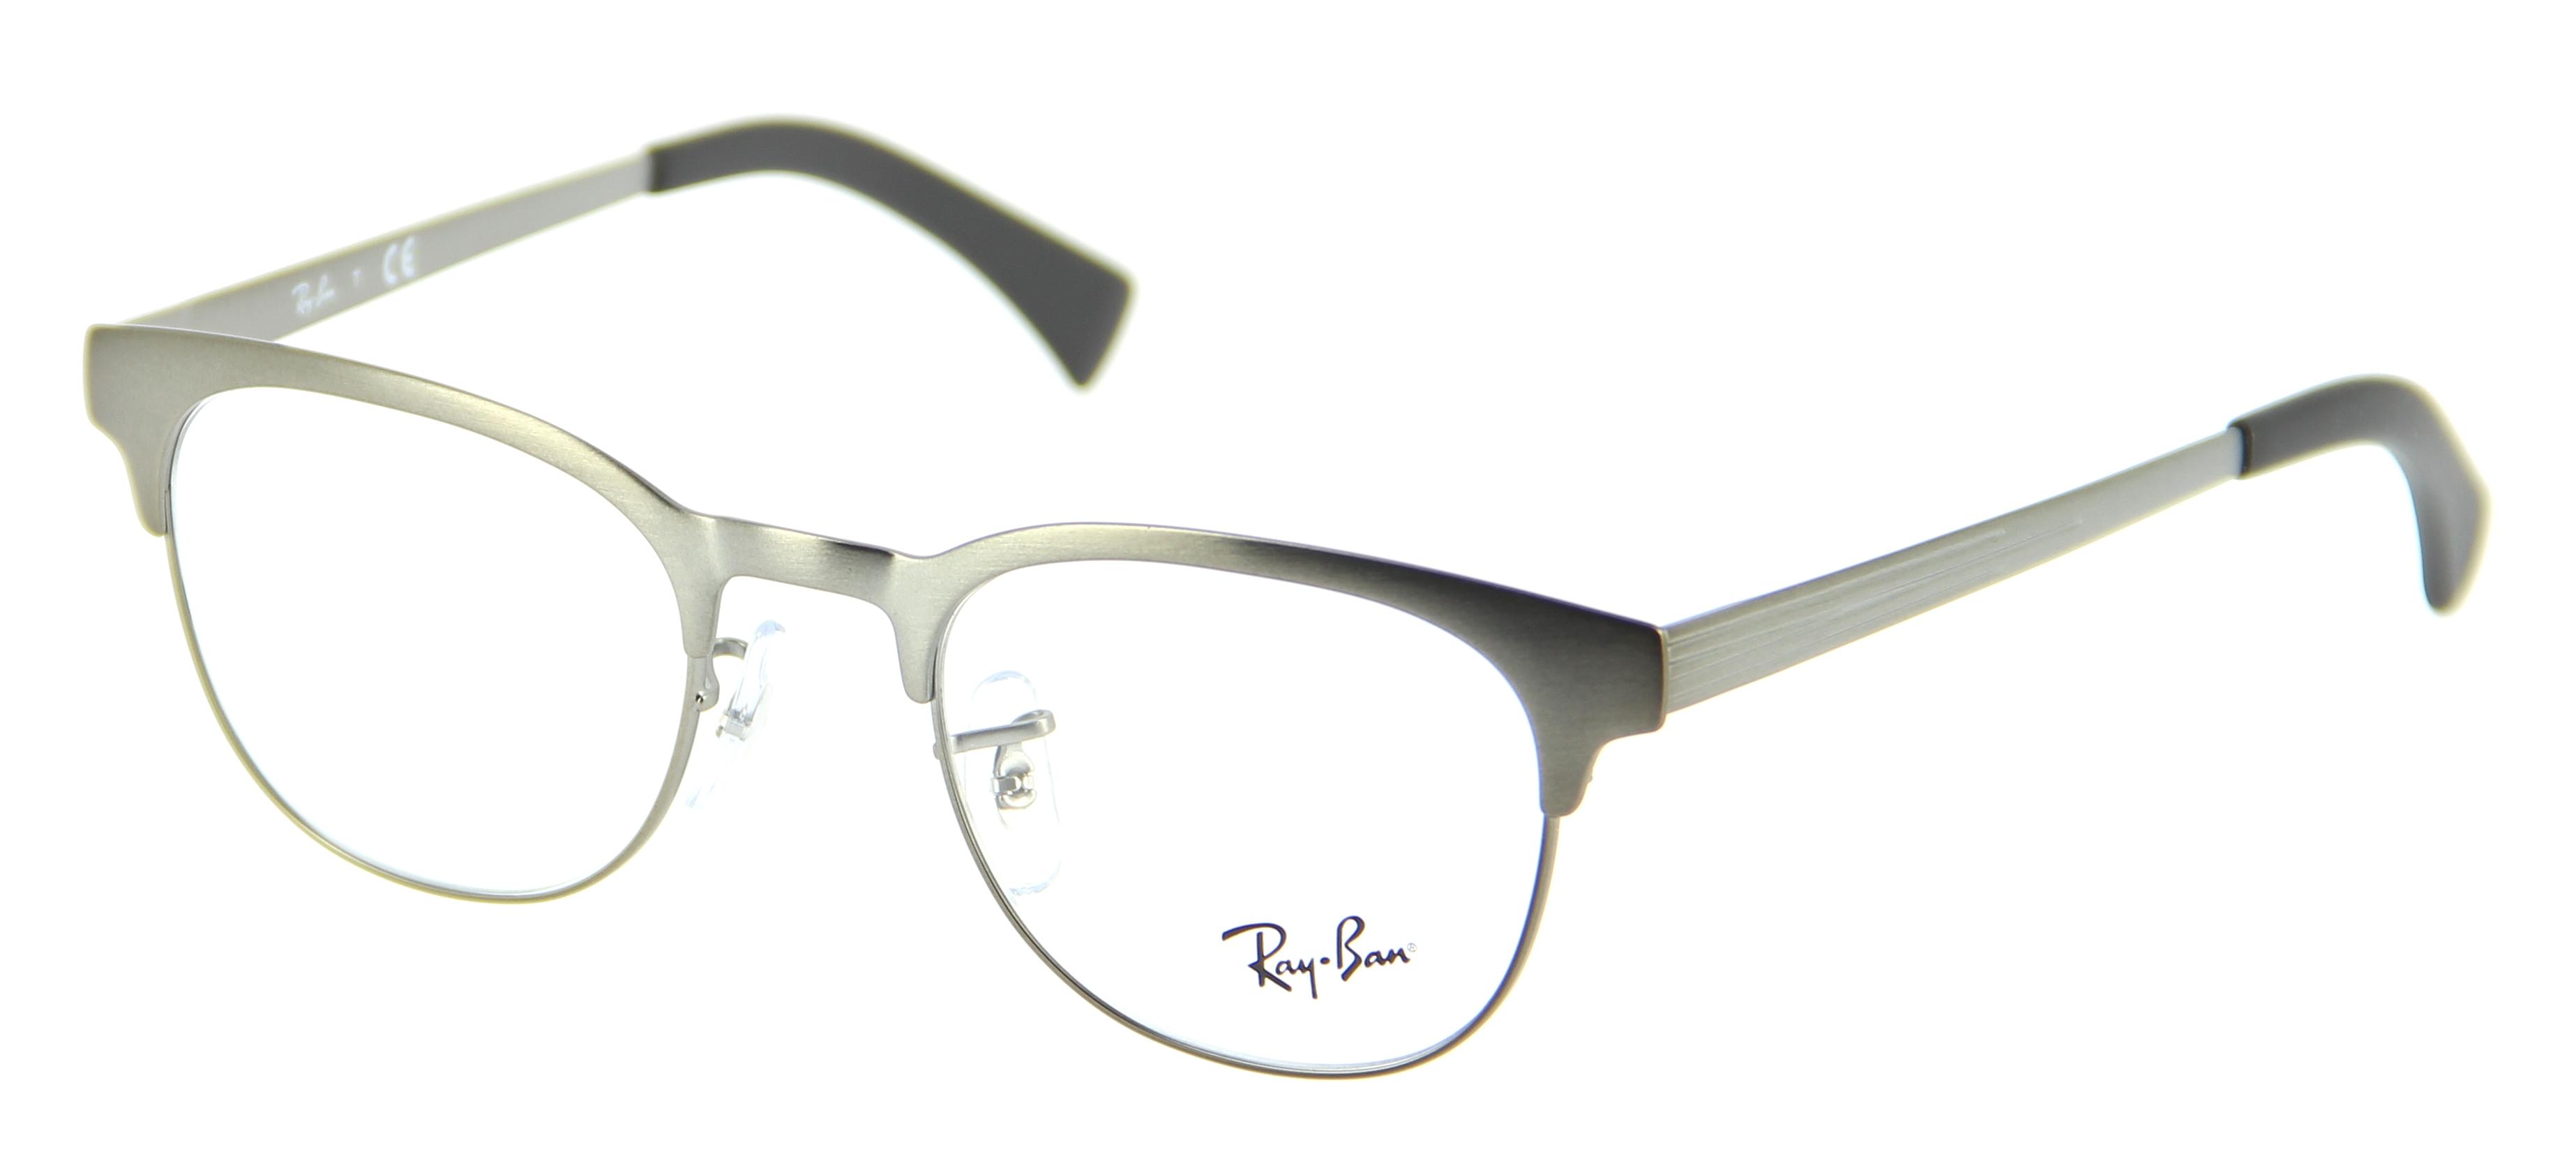 lunettes de vue ray ban rx 6317 2834 49 20 homme noir mat argent arrondie cercl e classique. Black Bedroom Furniture Sets. Home Design Ideas